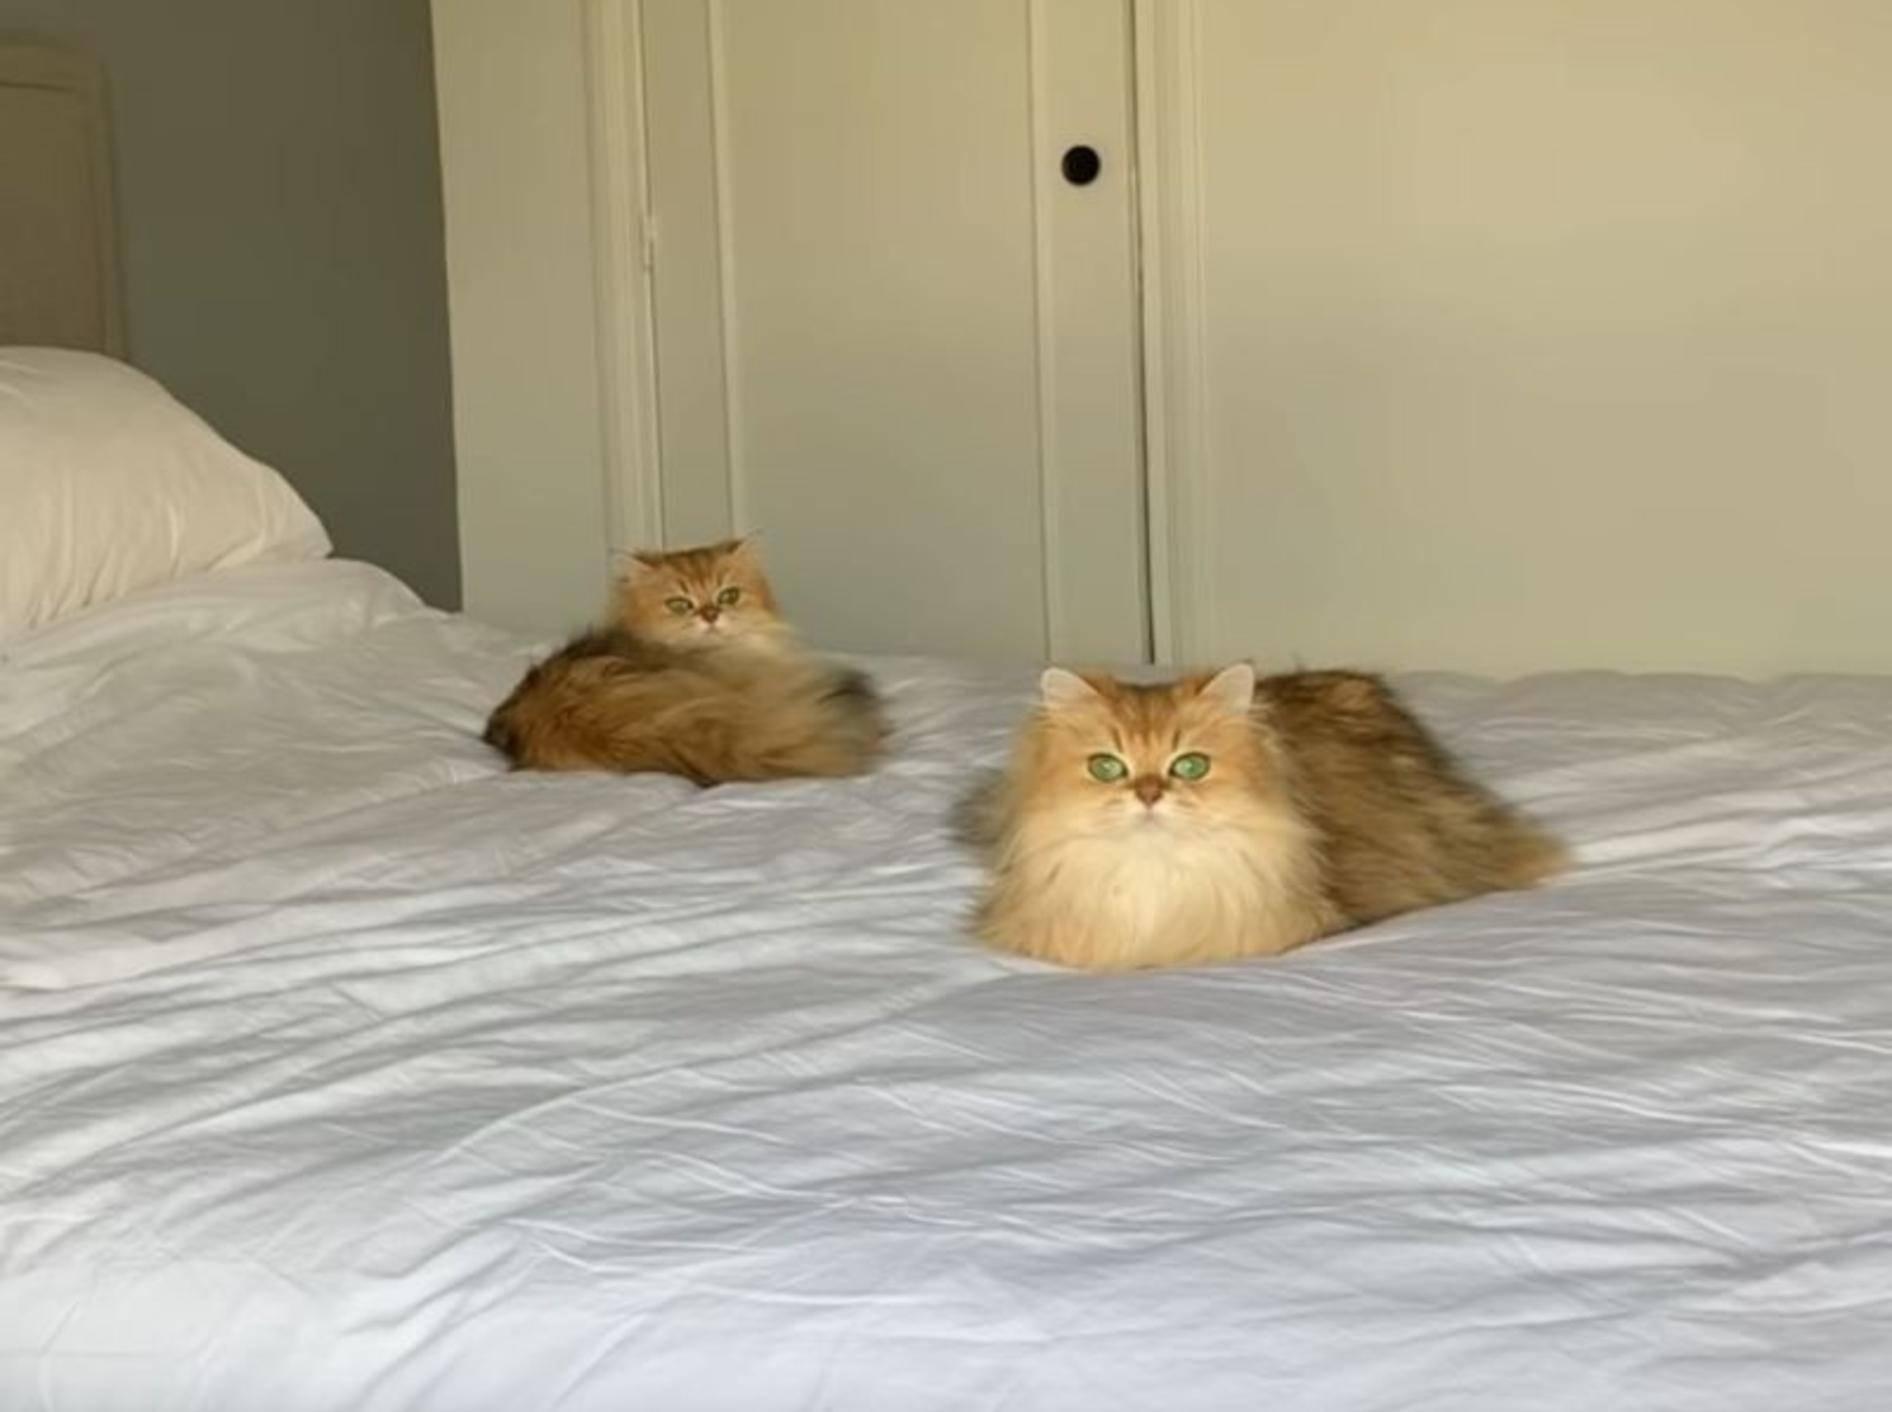 Flauschkatzen Smoothie und Milkshake: Plötzlich Klon? – YouTube / smoothiethecat